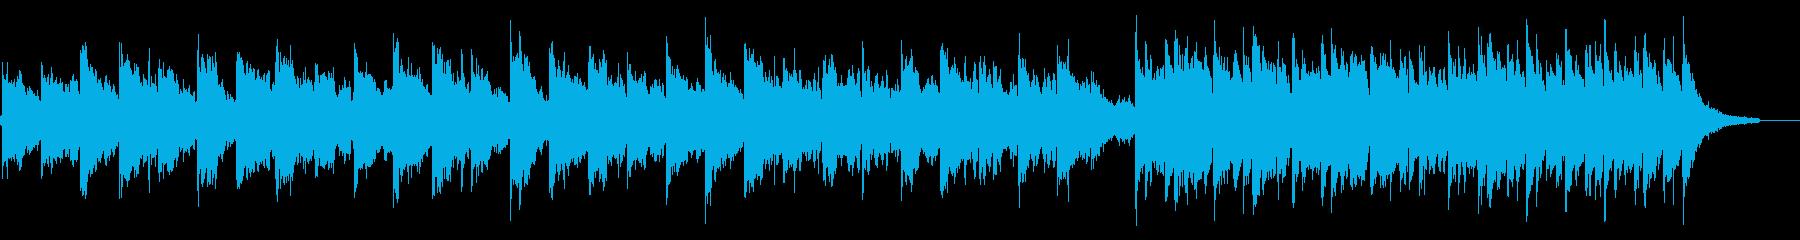 ノスタルジックで幻想的なバラードの再生済みの波形